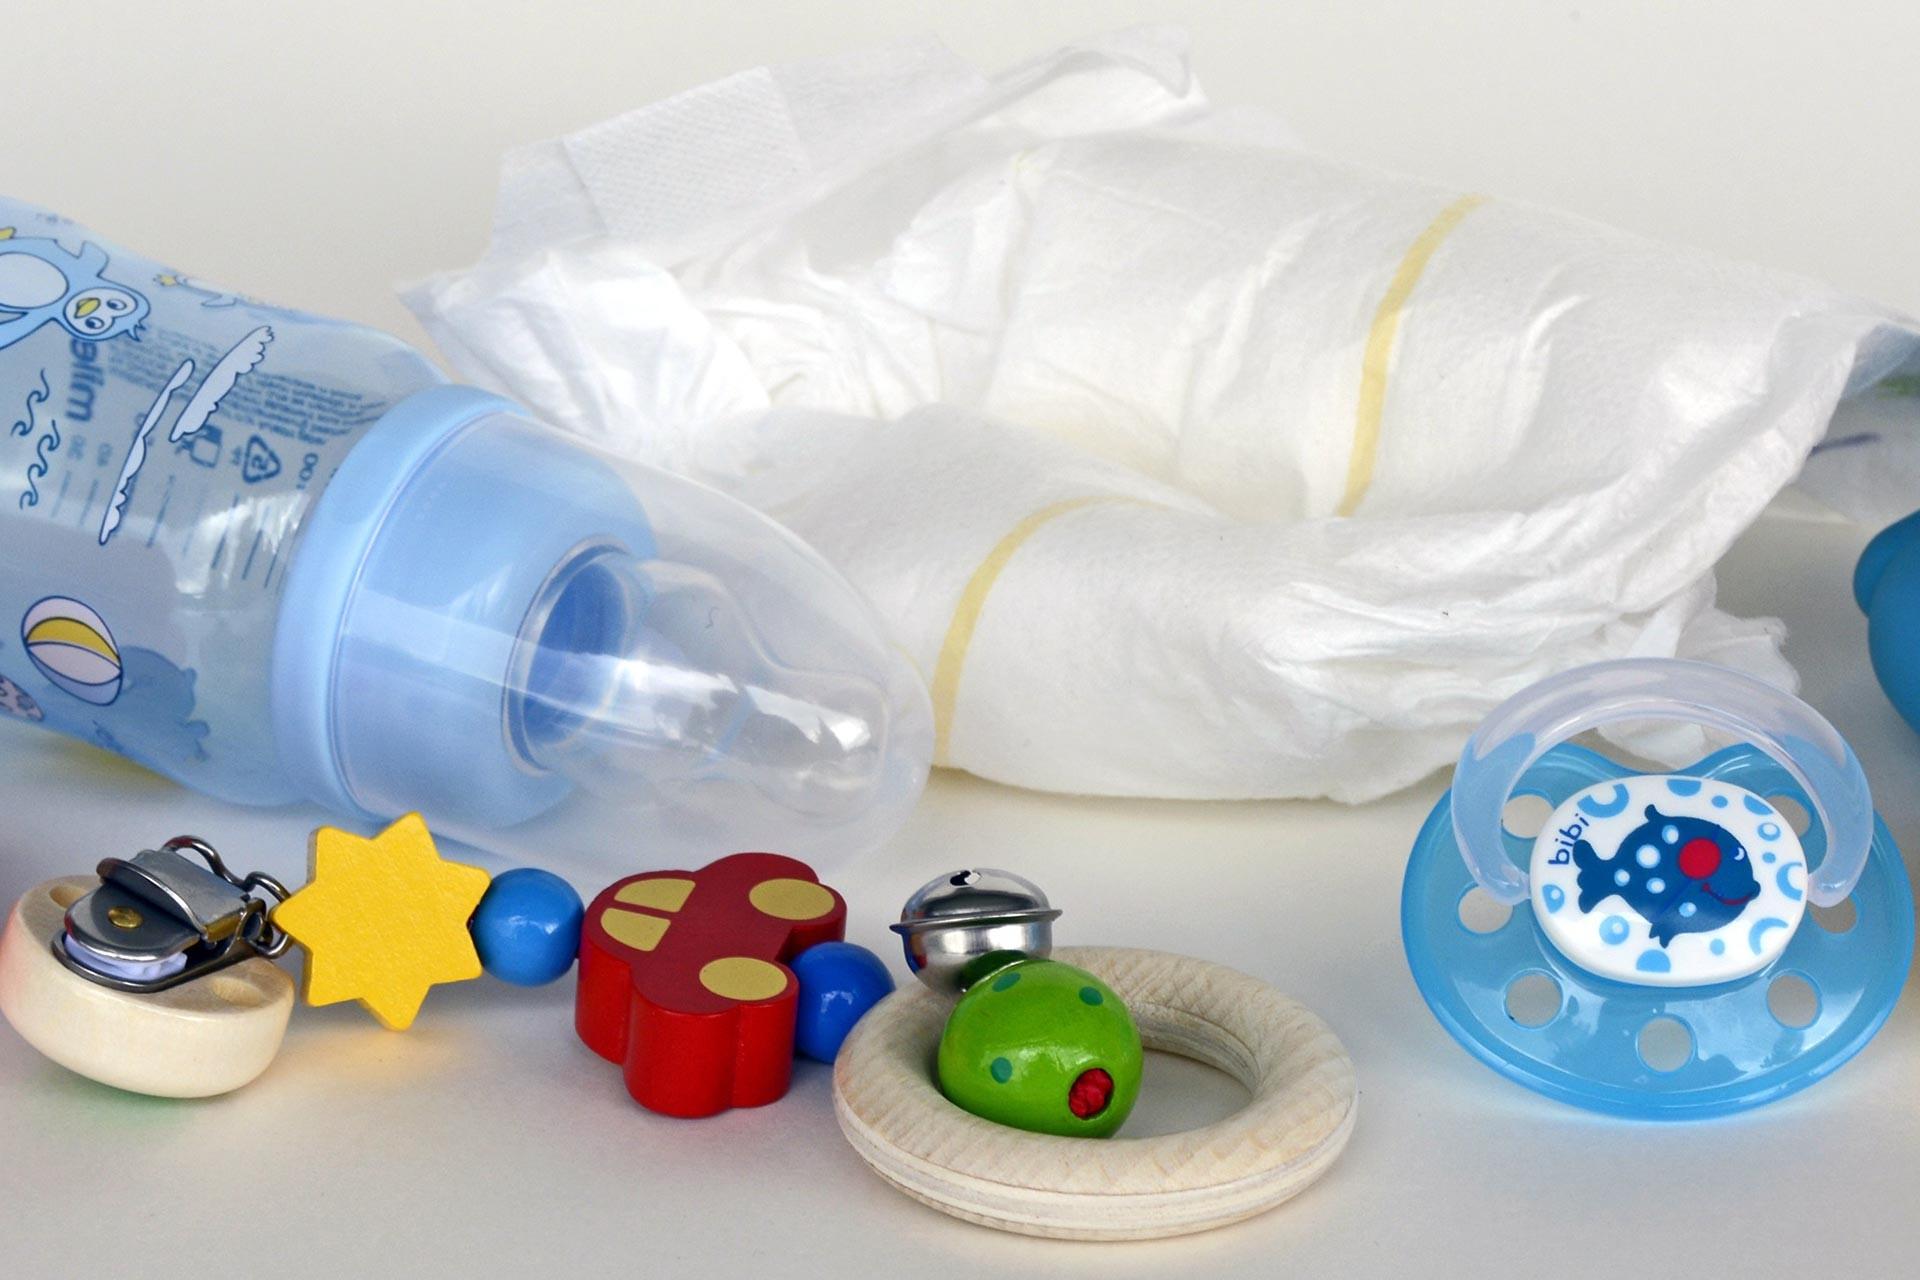 Bebek bezi, biberon, emzik ve bebek oyuncaklarının bir masada yan yana durduğu bir fotoğraf